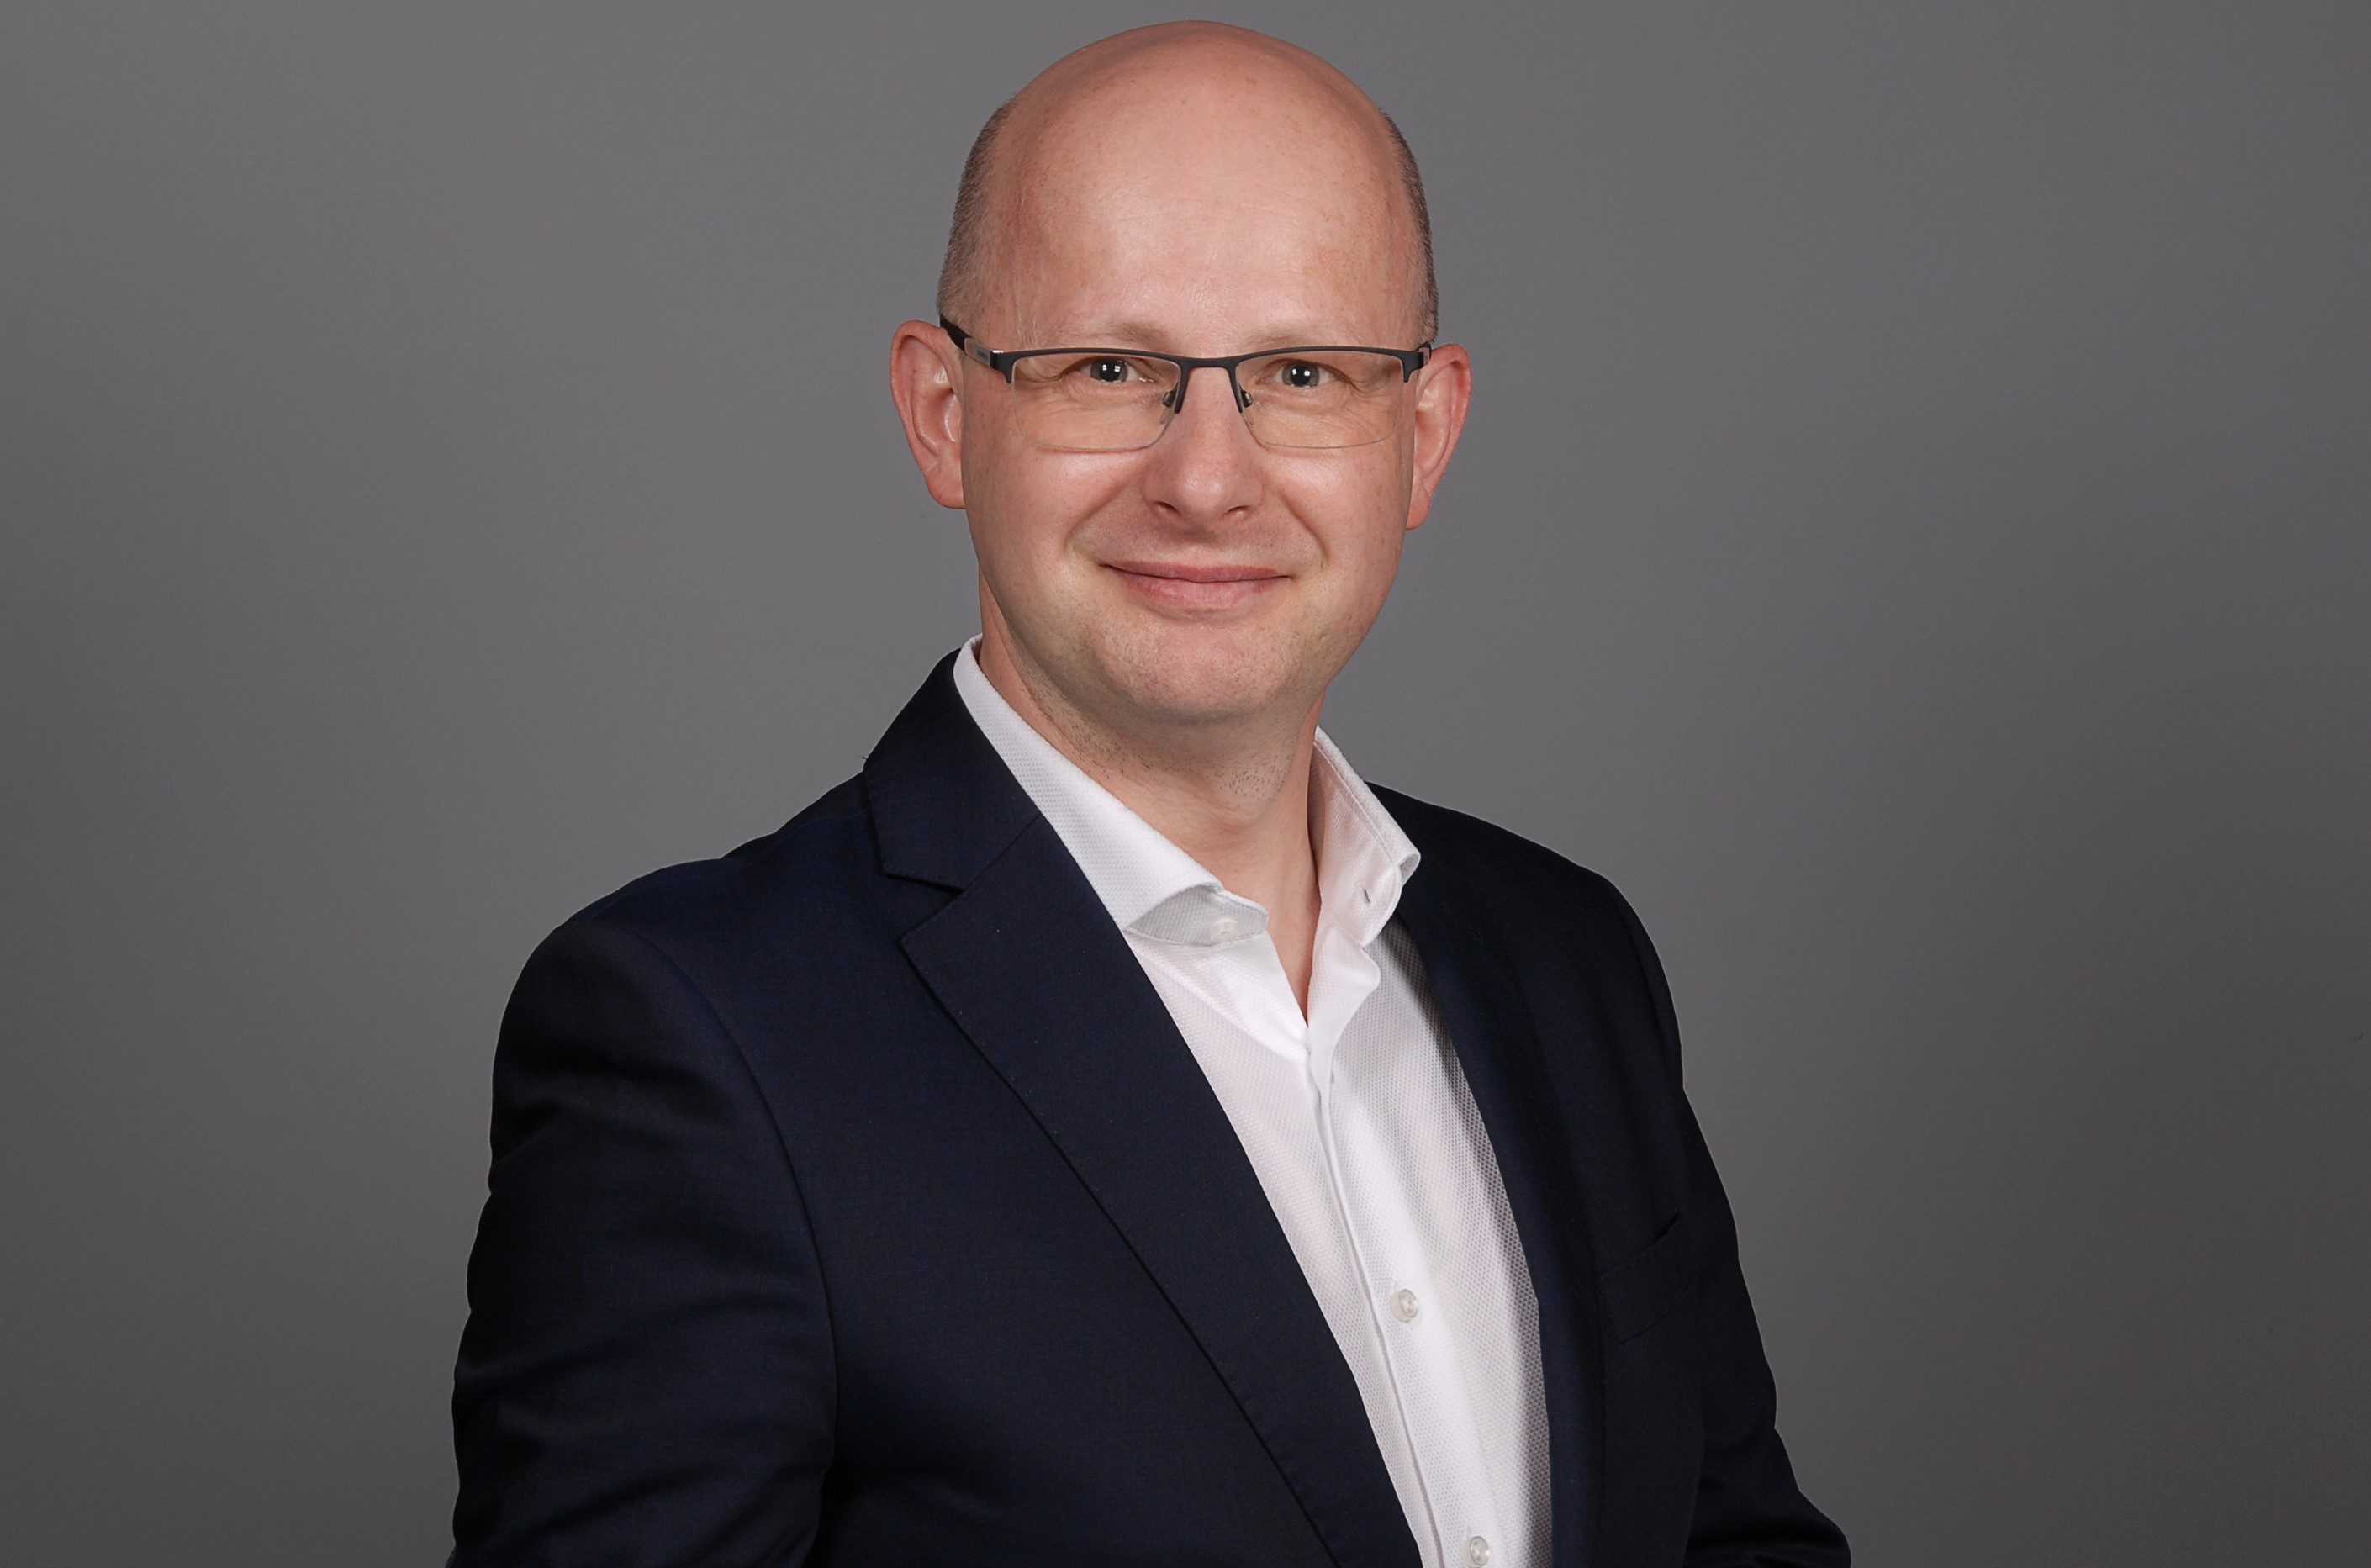 Zmiana na stanowisku Prezesa Zarządu Aldi w Polsce